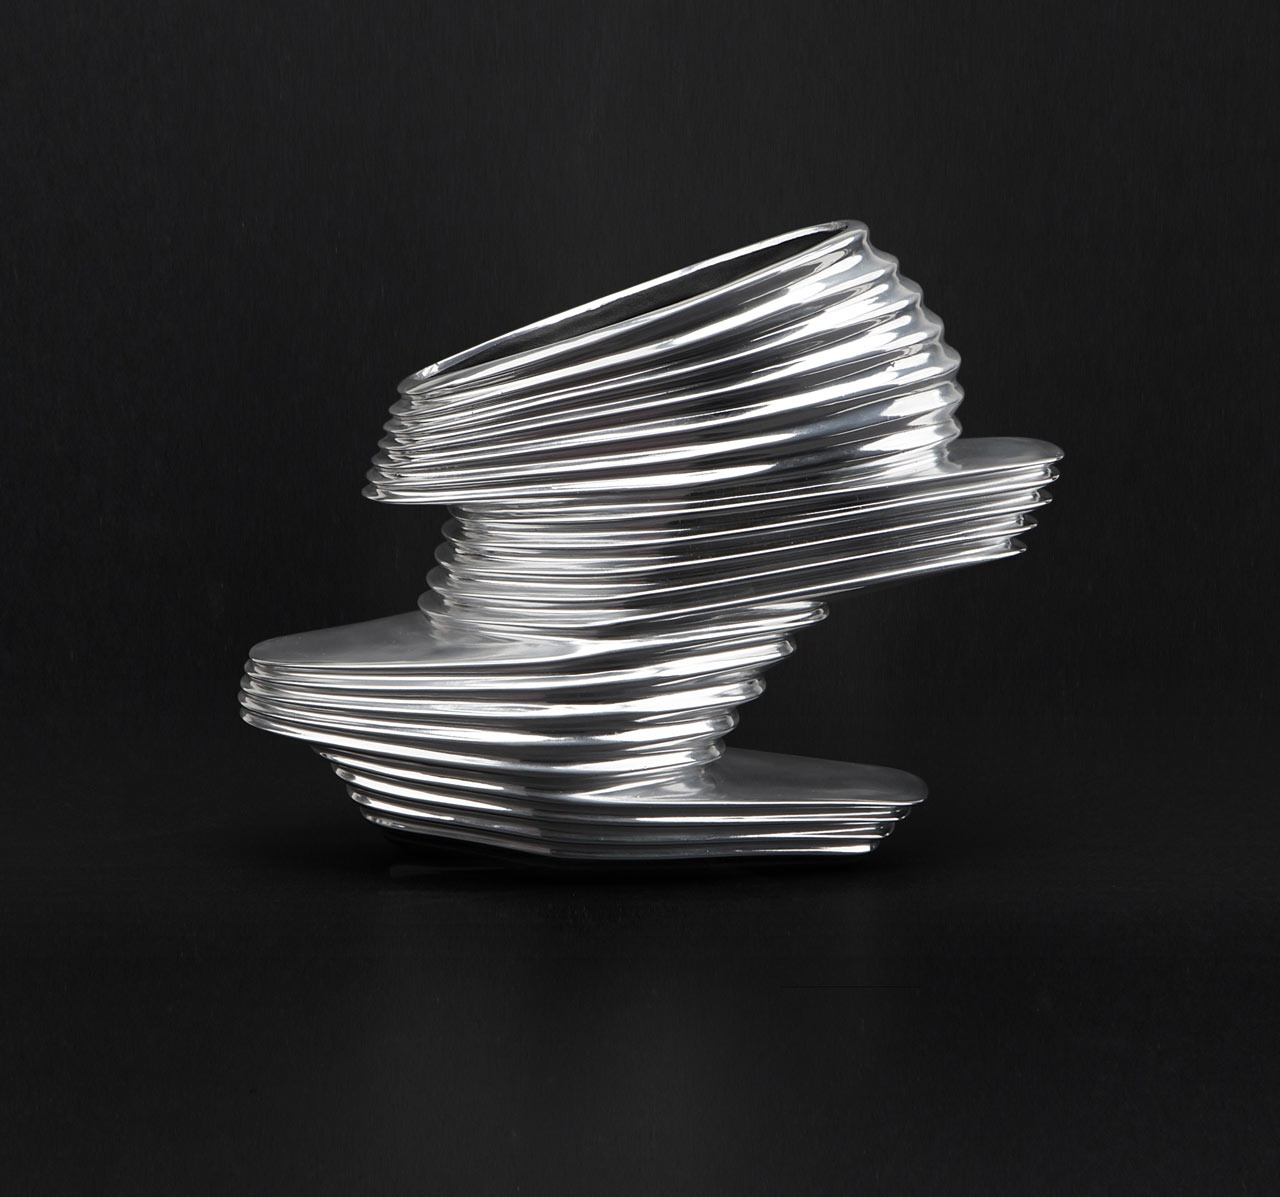 Zaha Hadid X United Nude Architectural Nova Shoe Design Milk